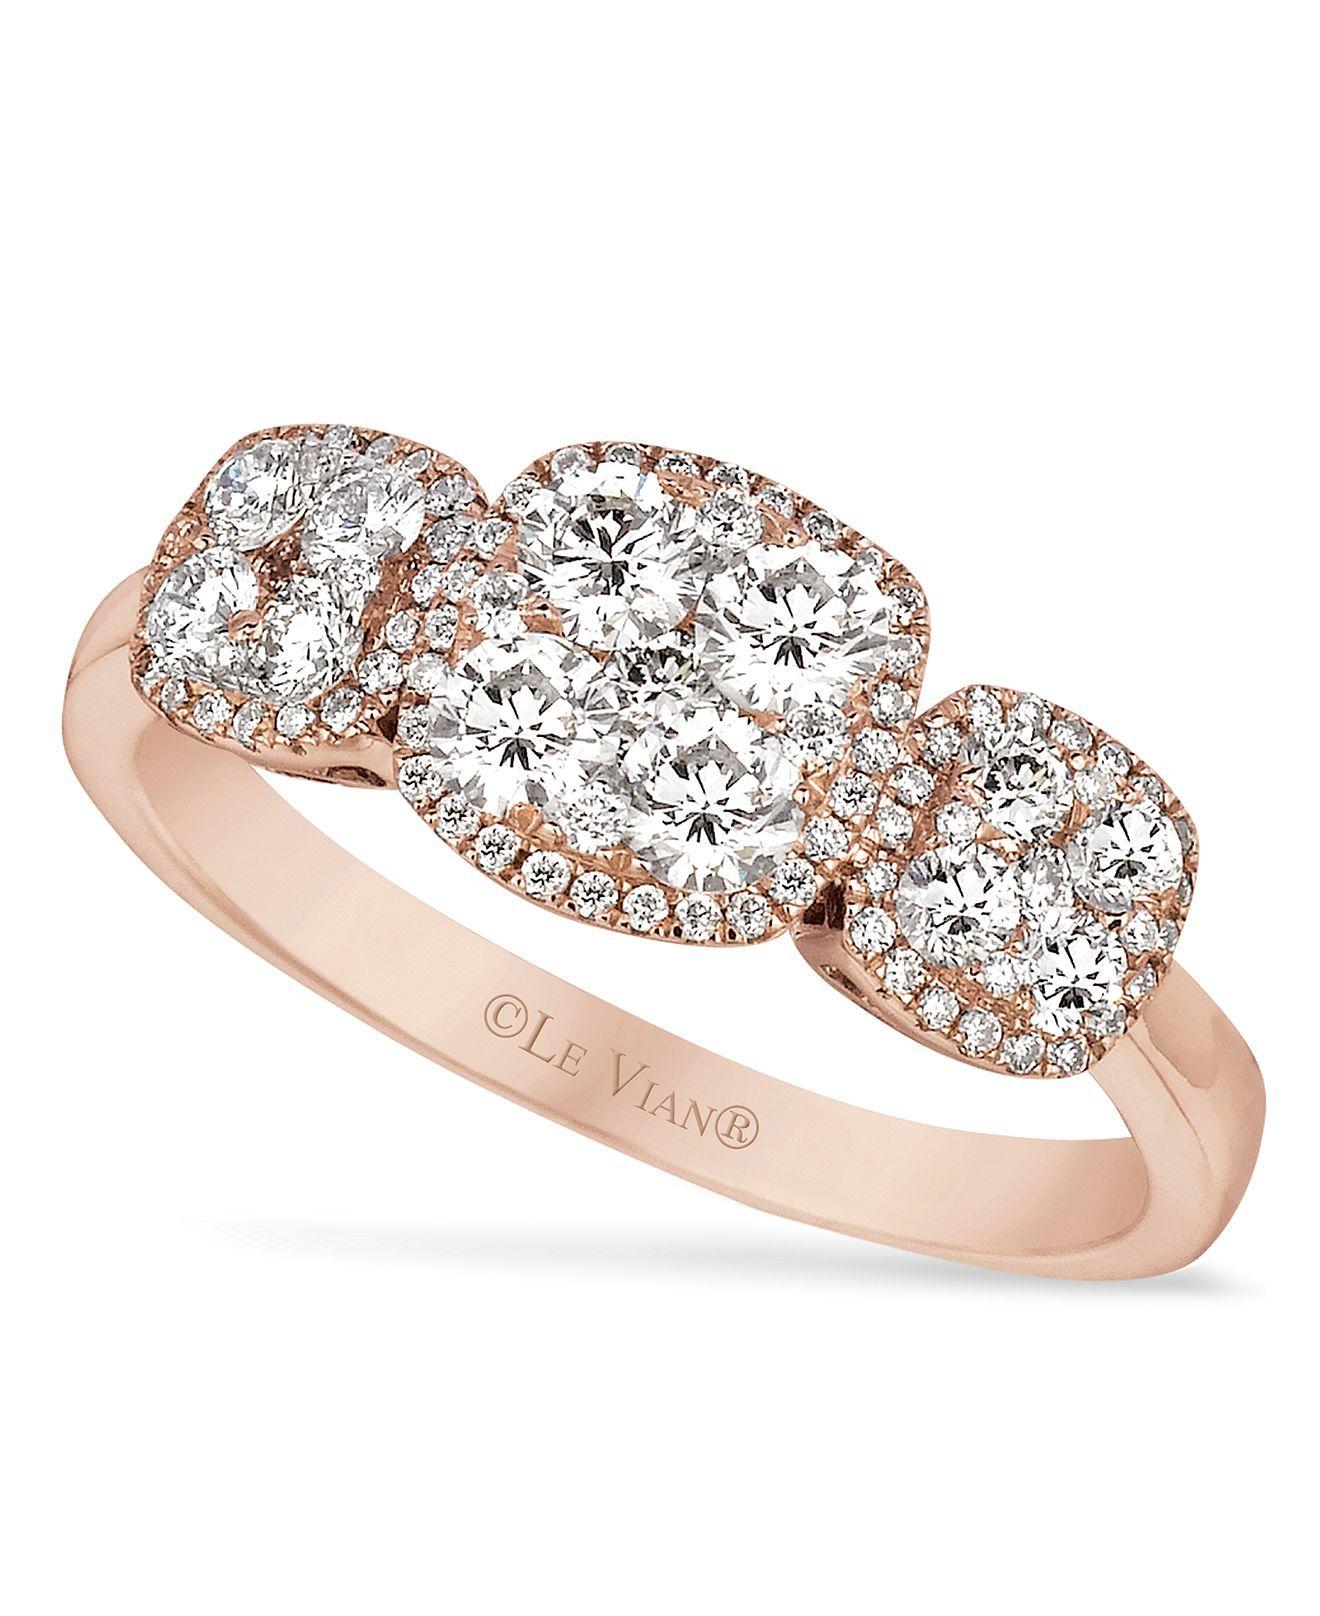 Le Vian Strawberry Gold and Vanilla Diamonds Ring 5 8 ct t w